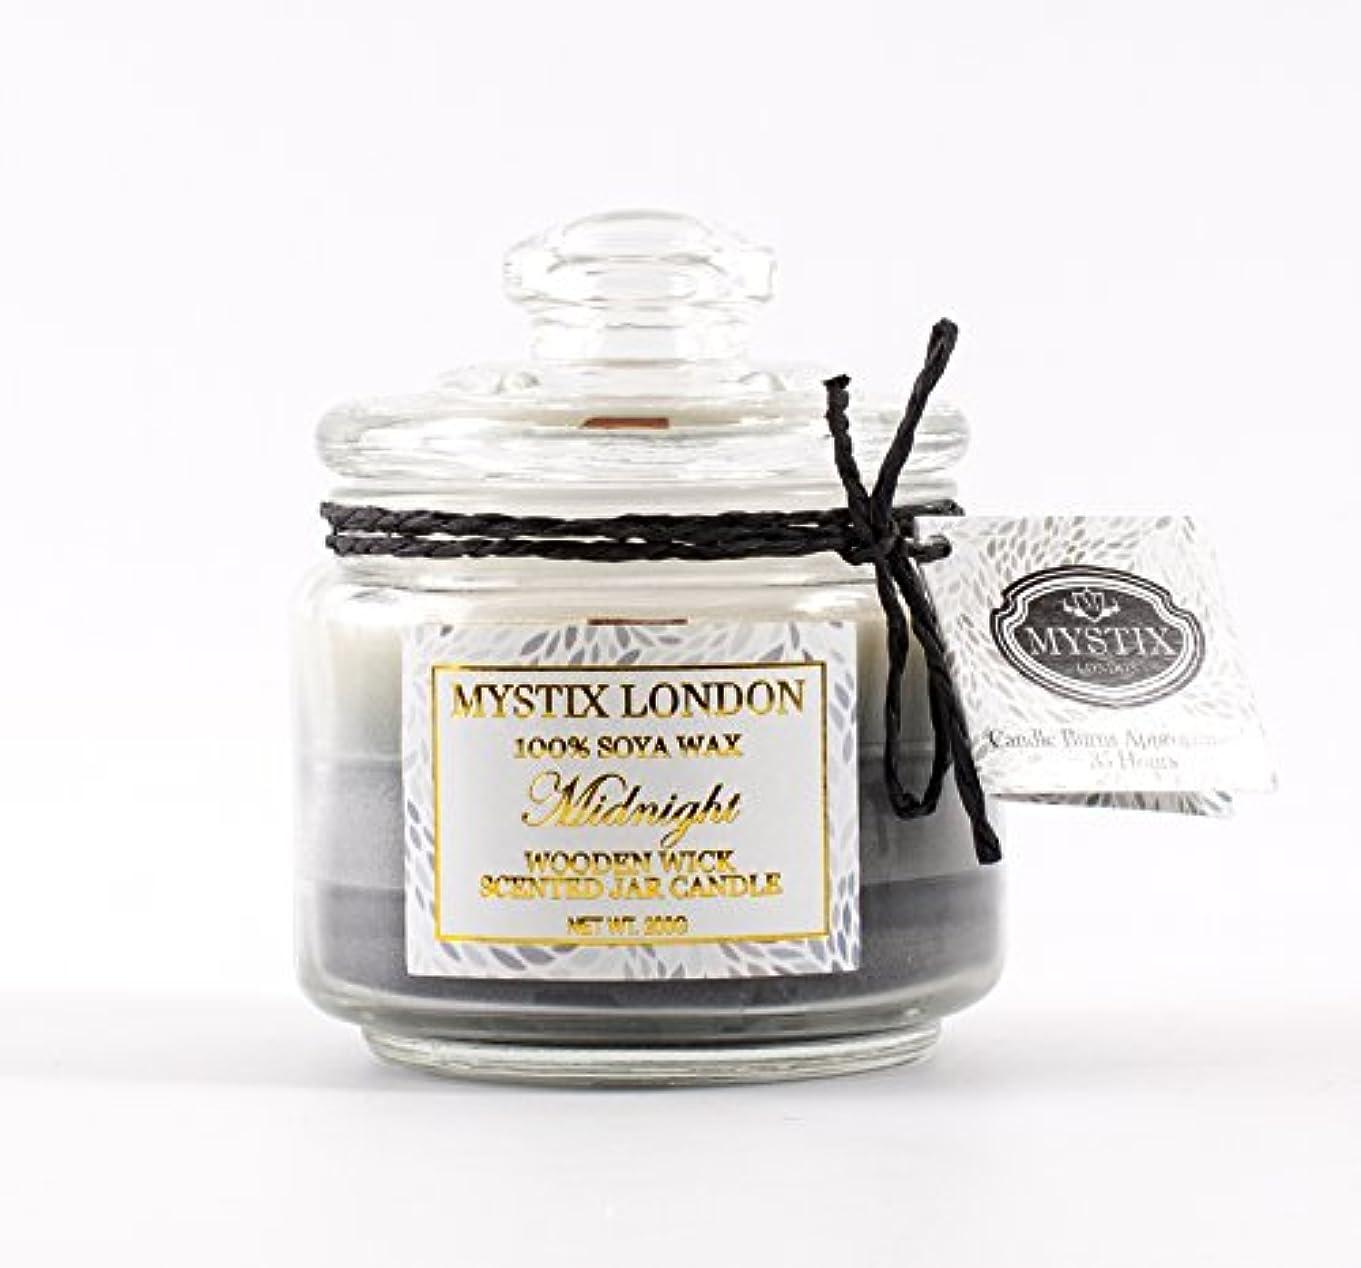 ペネロペ閉じ込める逆にMystix London   Midnight Wooden Wick Scented Jar Candle 200g